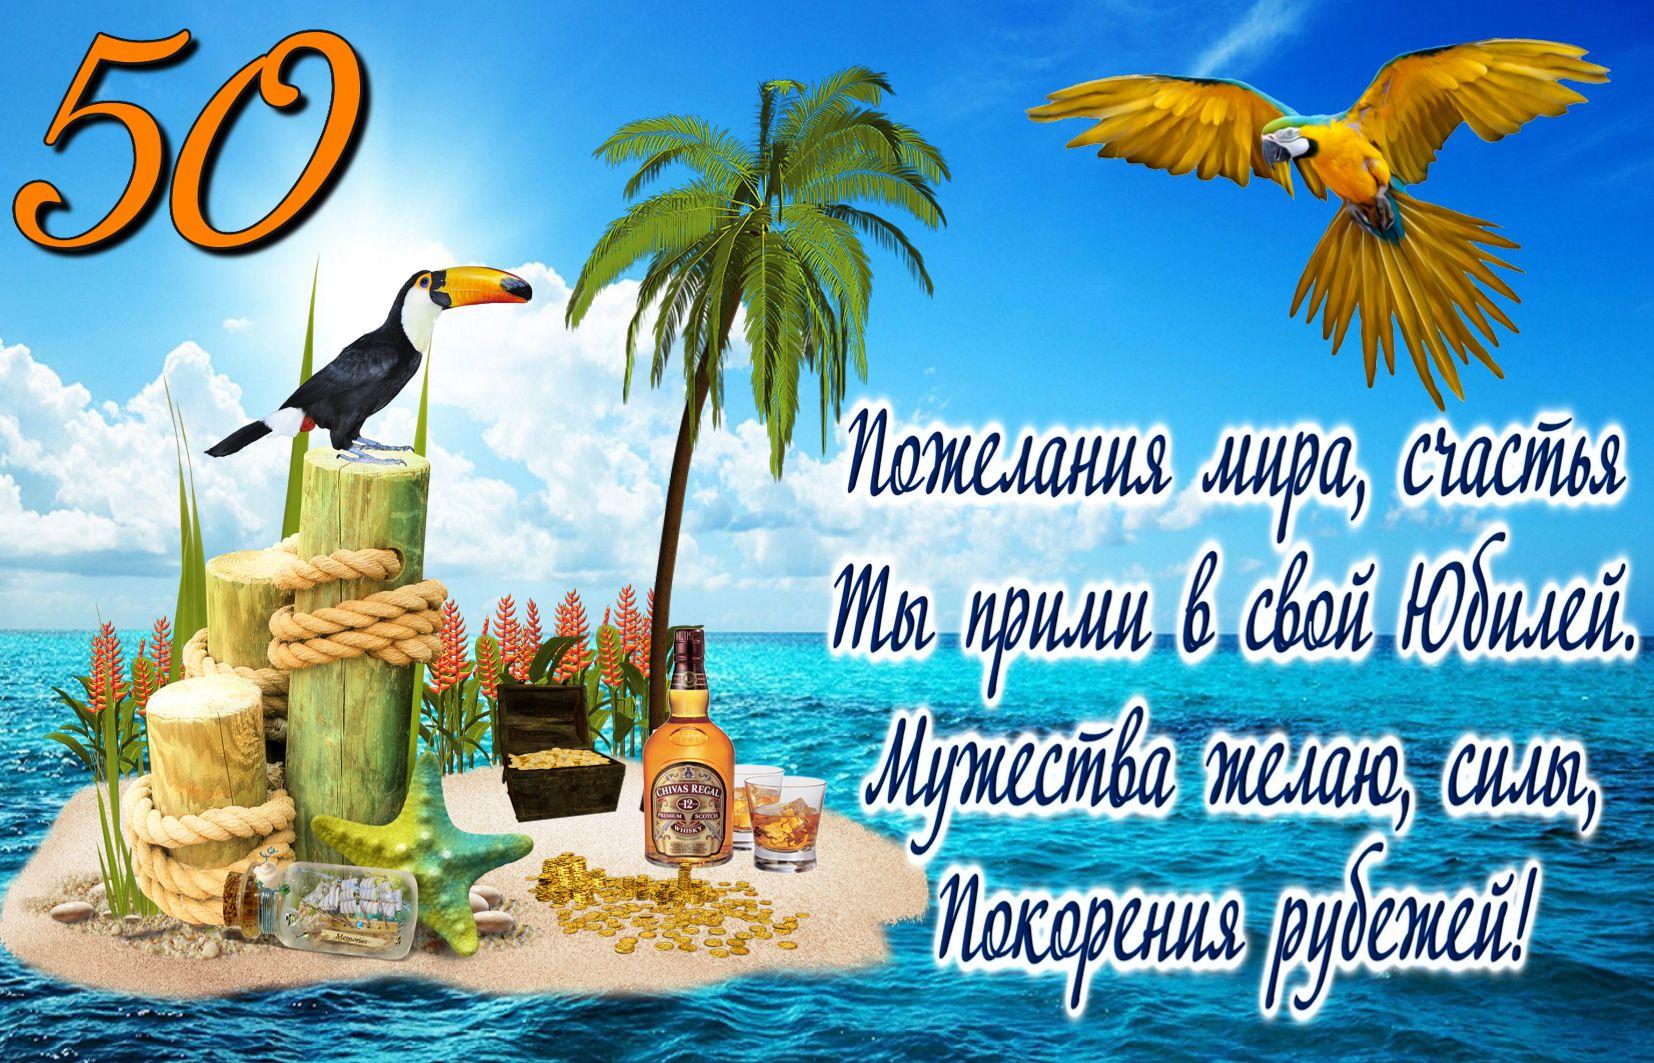 Открытка на юбилей 50 лет - желтый попугай над тропическим островом